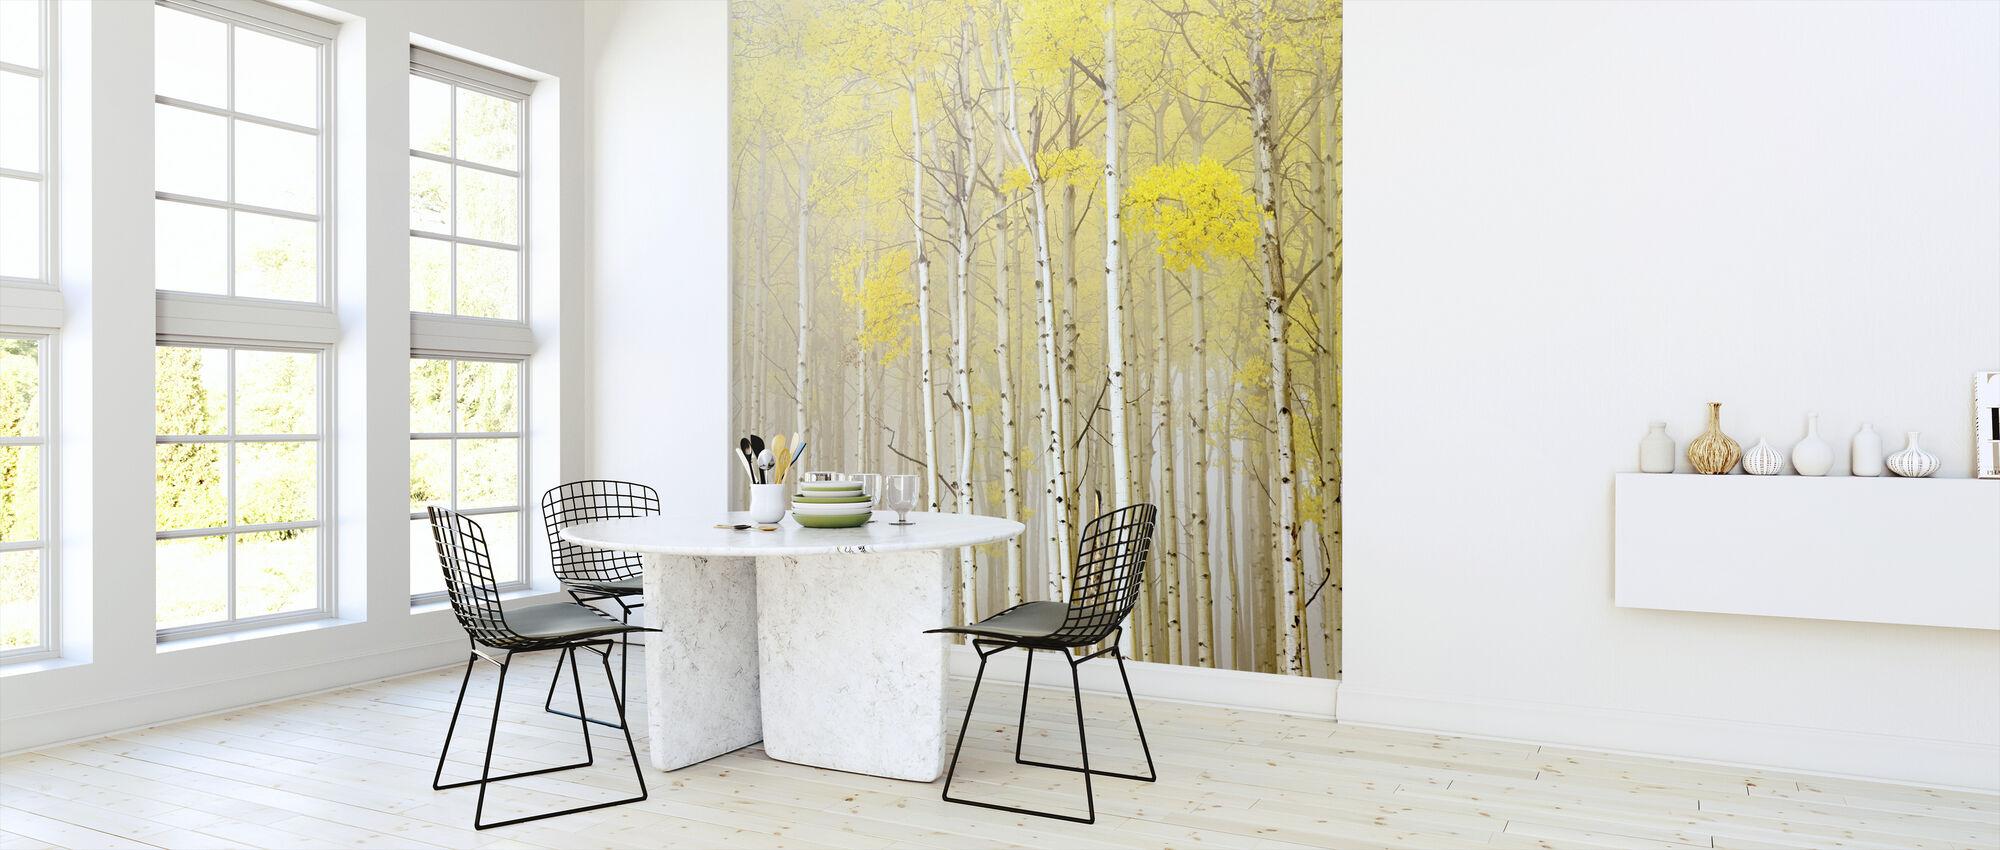 Aspens in Fog - Wallpaper - Kitchen